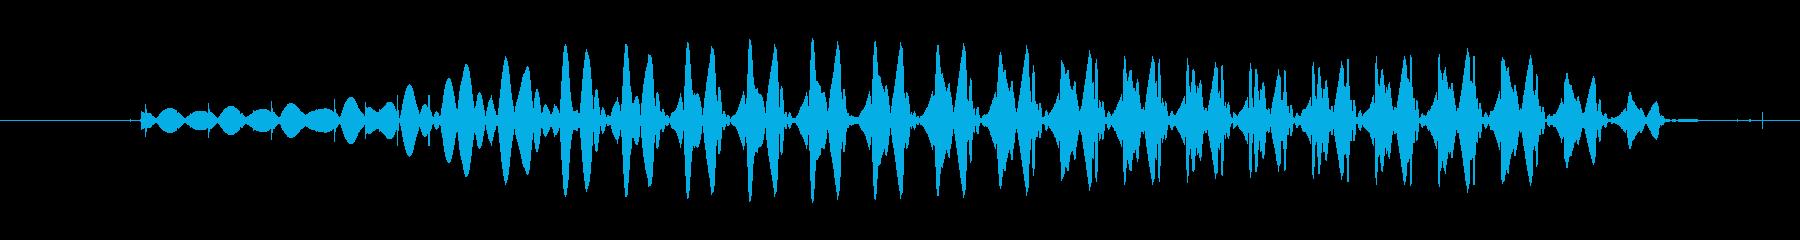 【効果音/ぽわー】の再生済みの波形